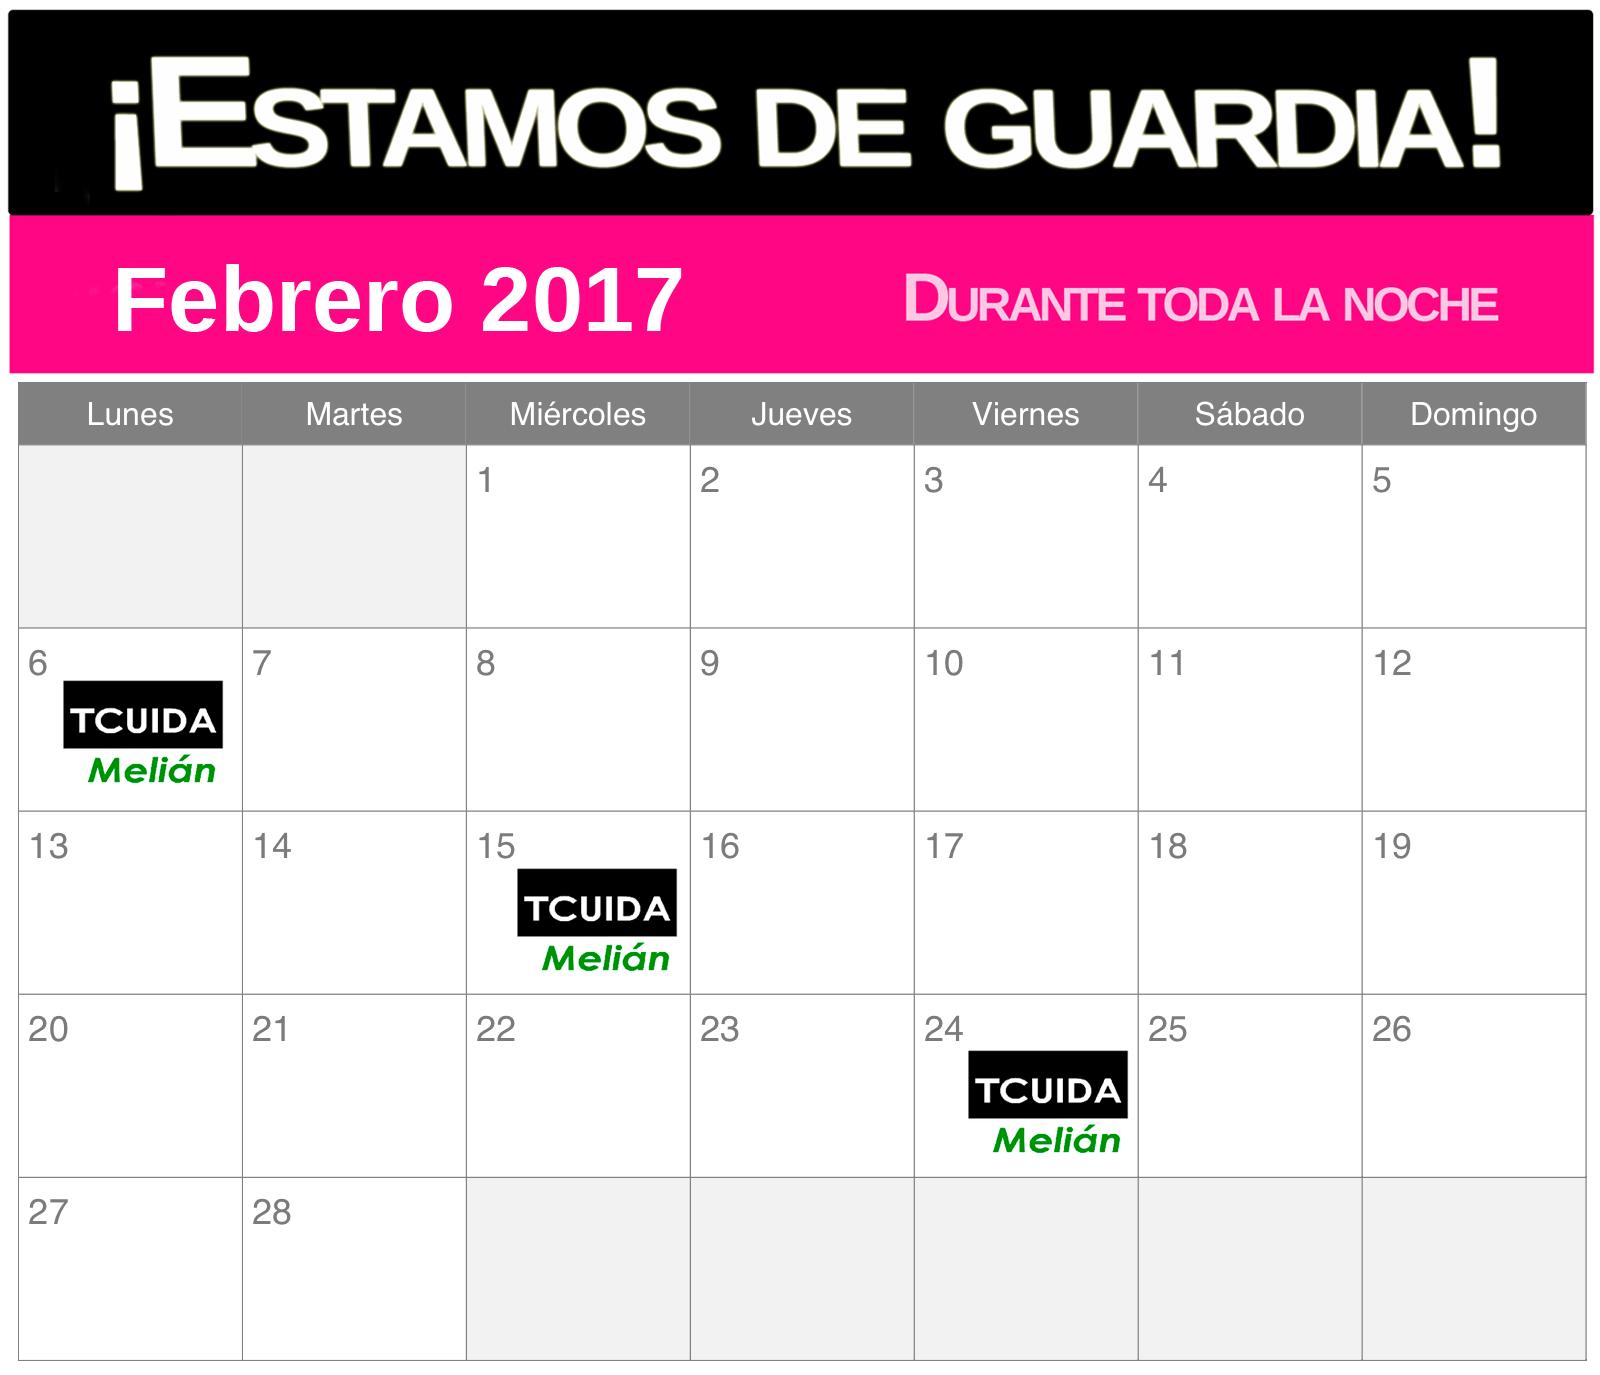 TCuida melian-guardia-febrero-2017